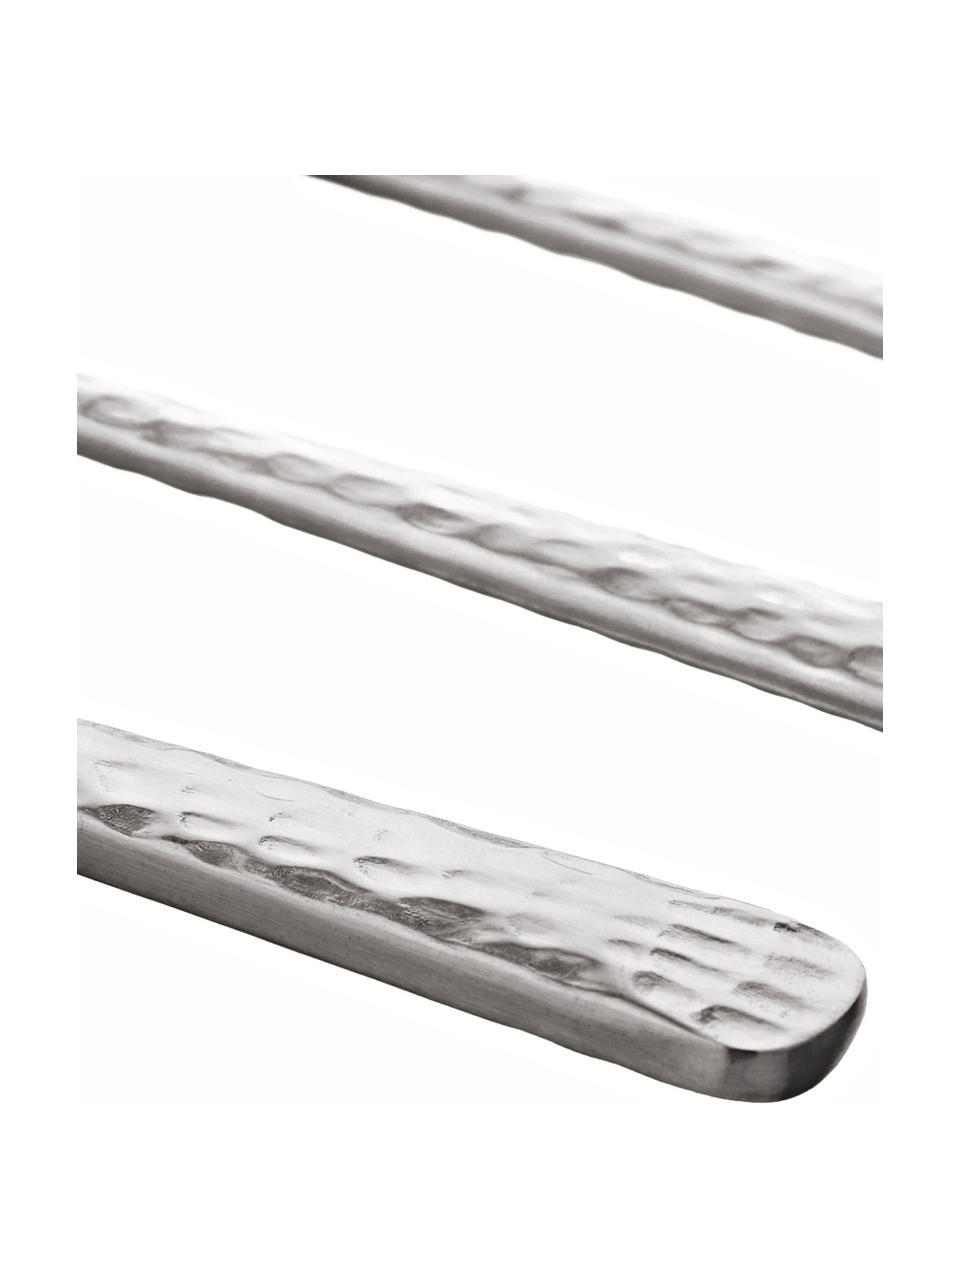 Set 16 posate con manici martellati per 4 persone Hune, Acciaio inossidabile 18/8, spazzolato, martellato, Acciaio, Lung. 24 cm